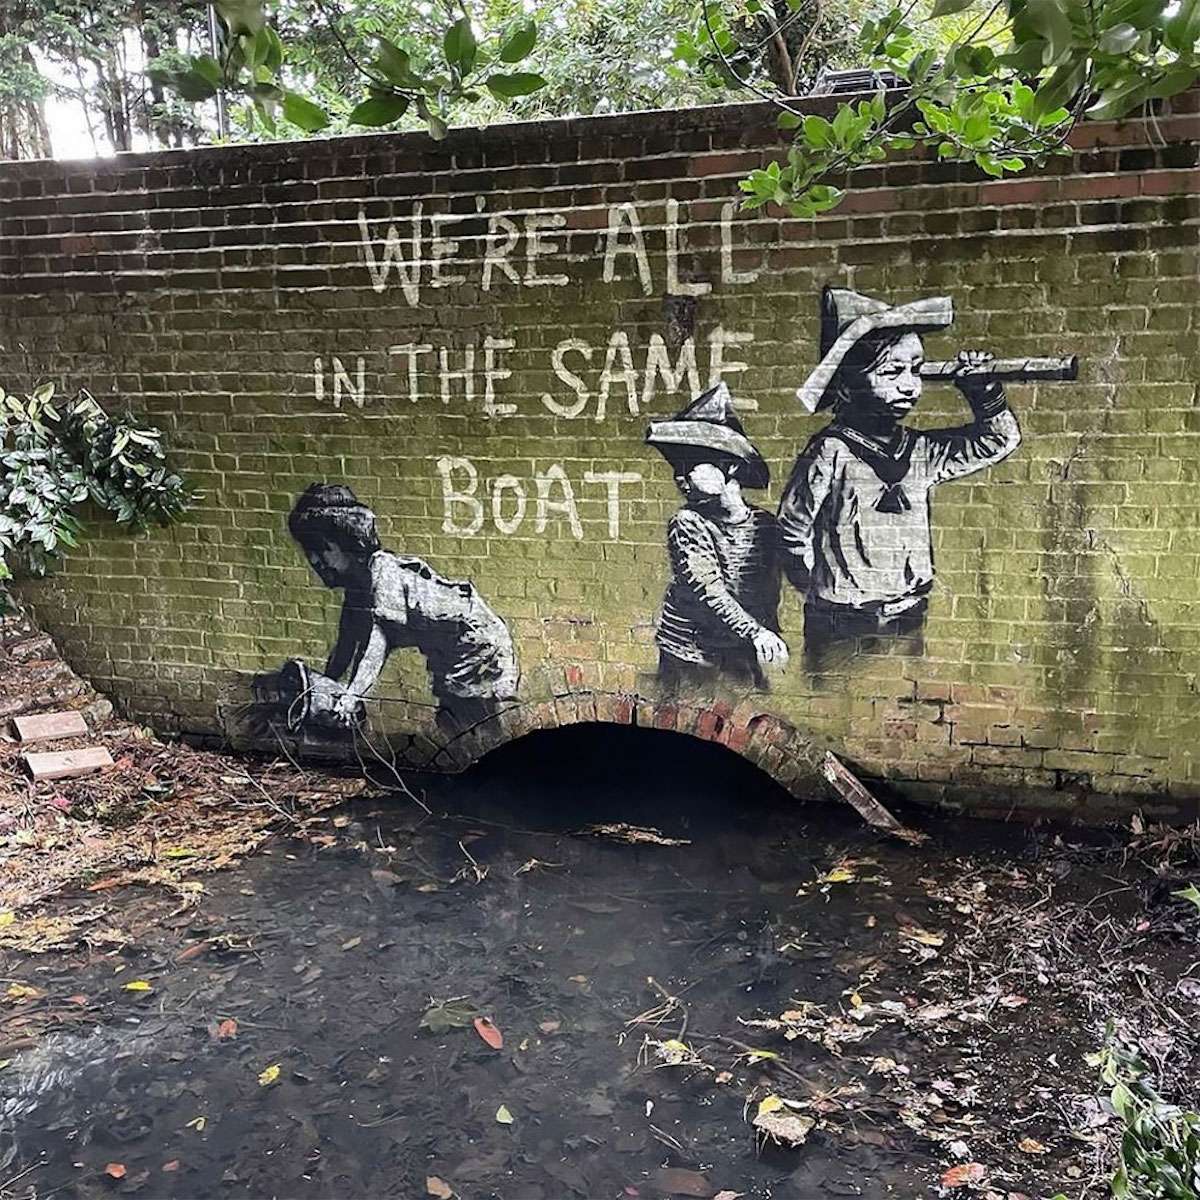 Les nouveaux street art de Banksy